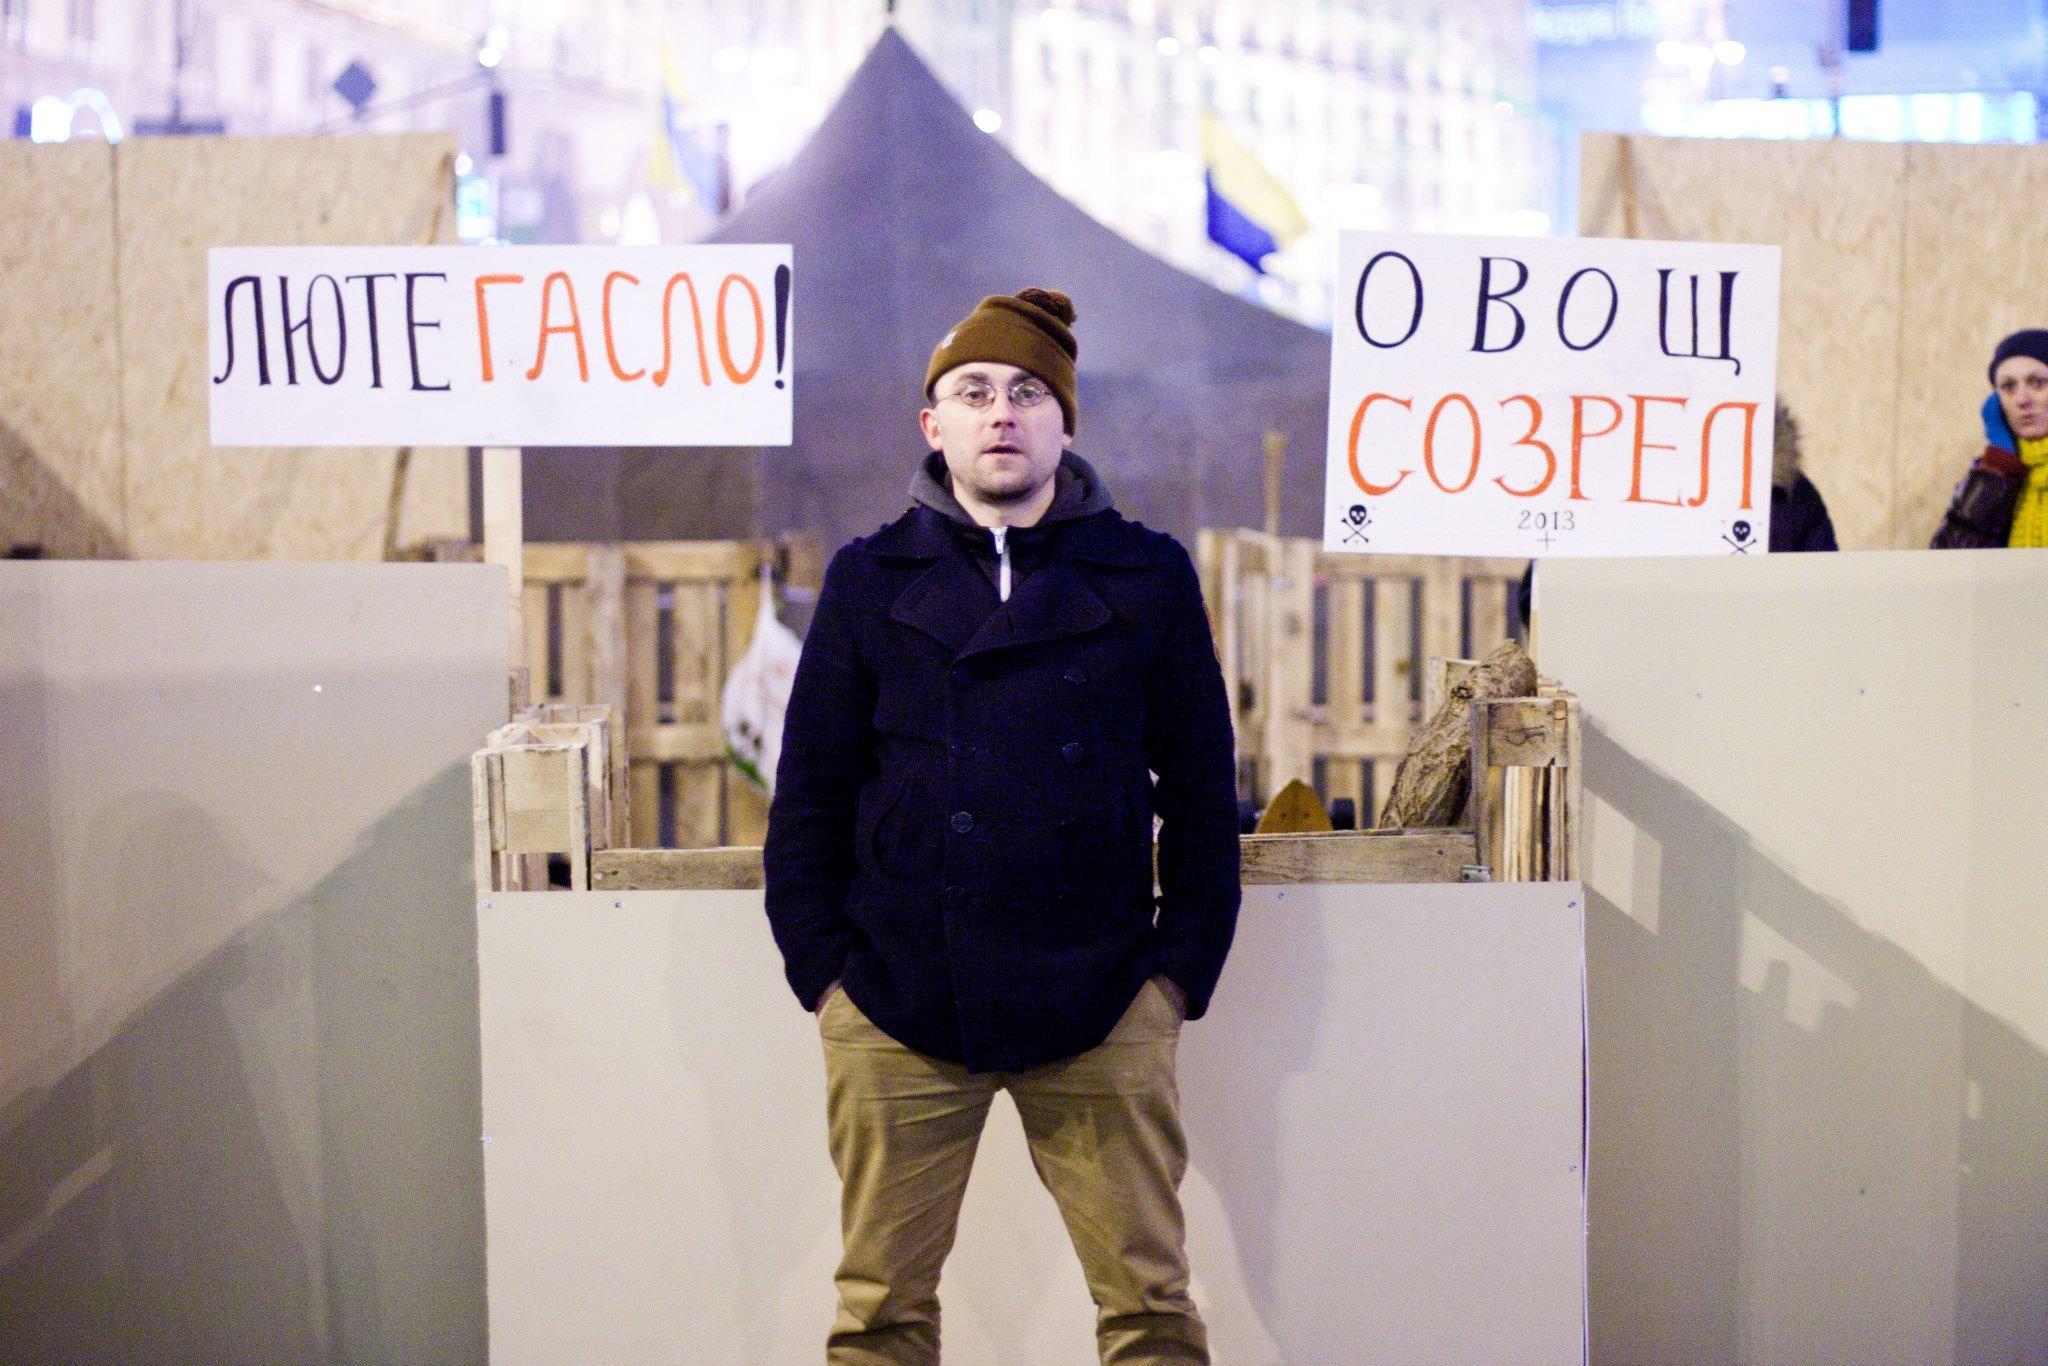 Іван Семесюк: «Нині Україна змінює свою стать – з жіночої на чоловічу» 2